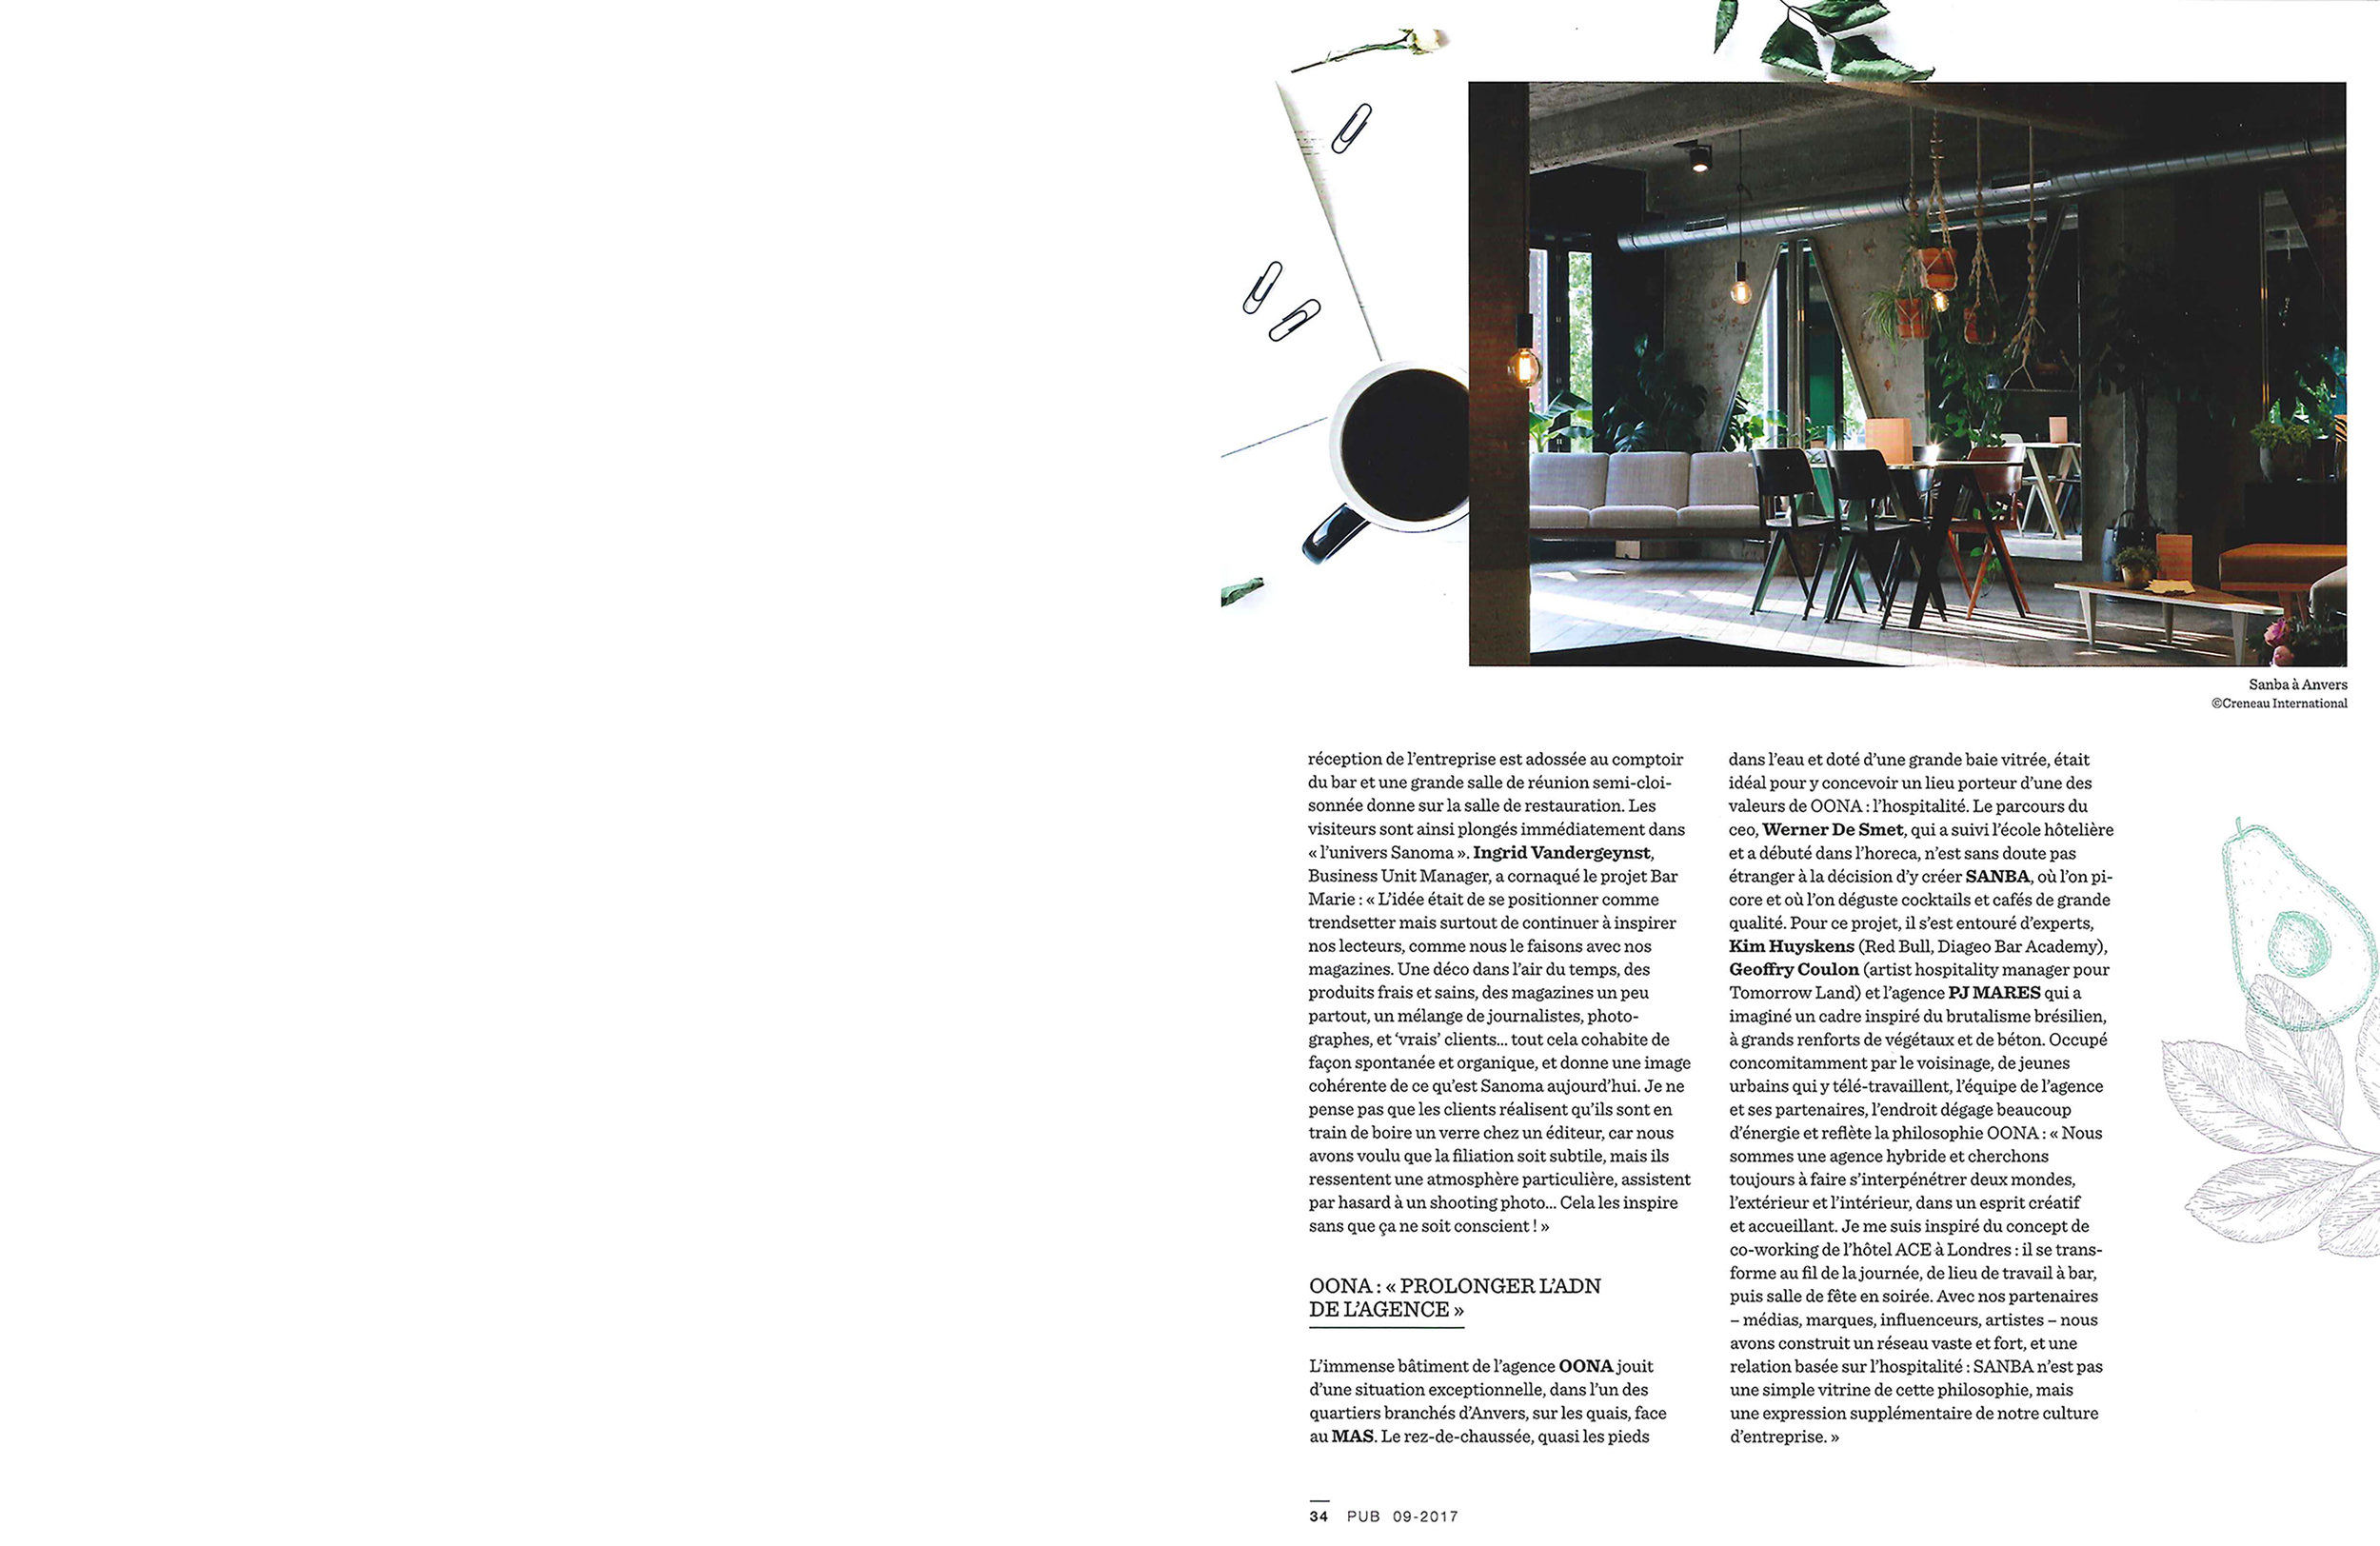 Pub_Magazine_(FR-NL)_06_Sep_2017-4.jpg